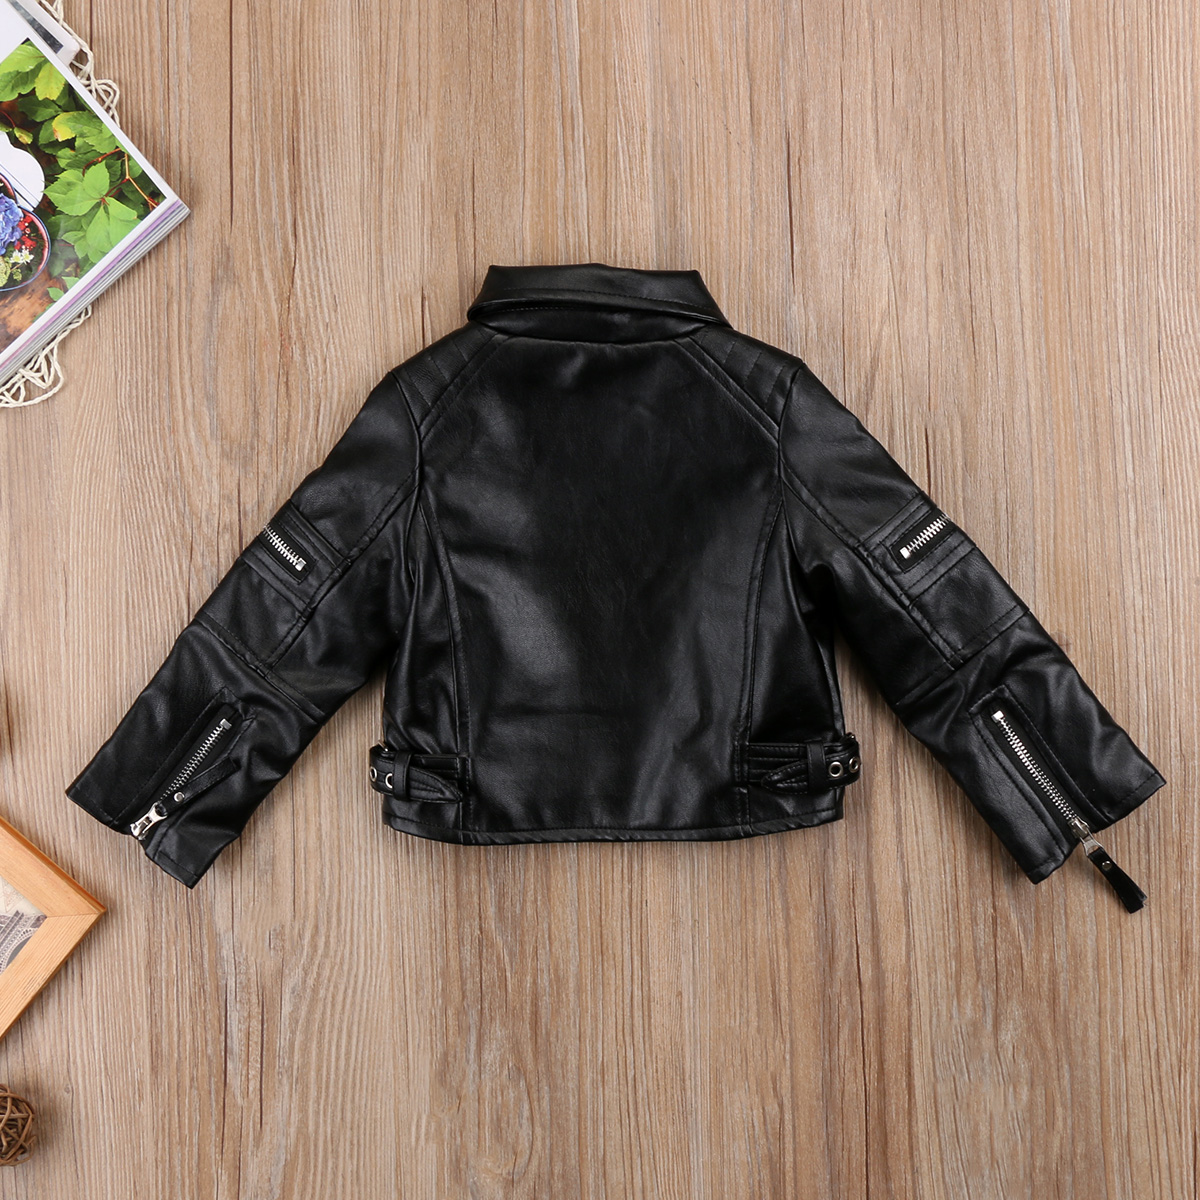 389c9685c Toddler Kids Baby Girl Fashion Motorcycle PU Leather Jacket Biker ...